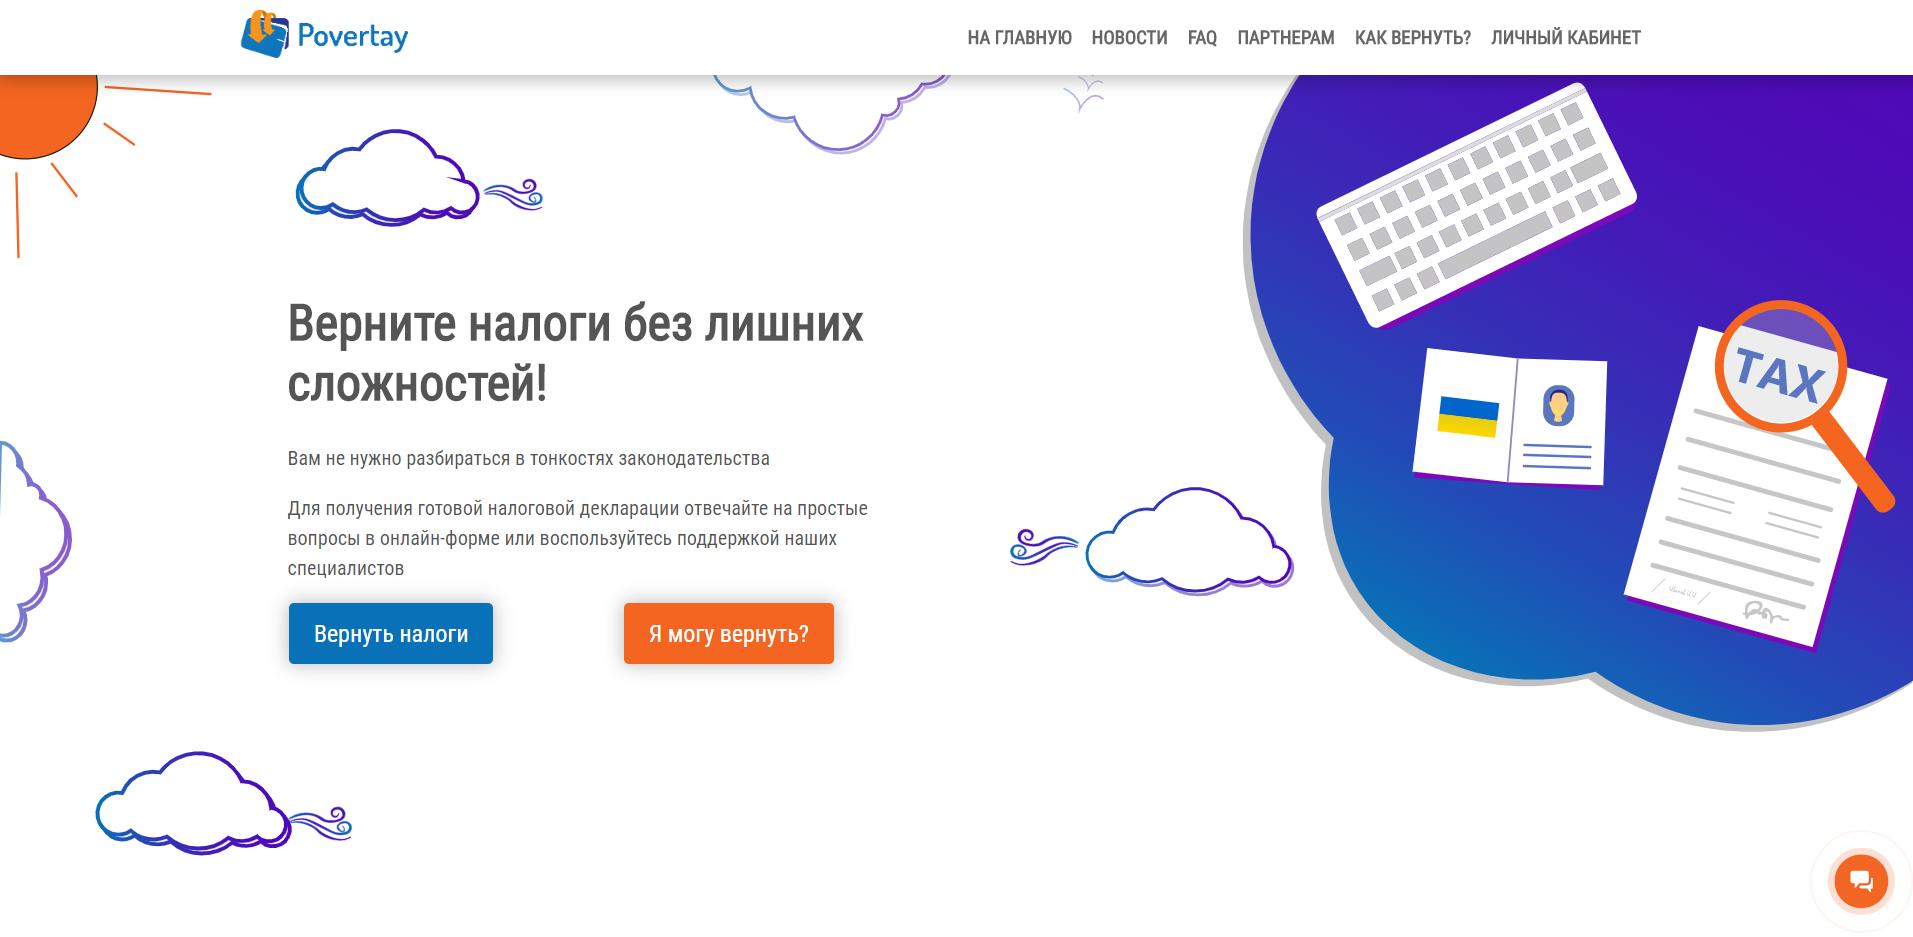 Финтех с украинскими корнями: 8 интересных проектов